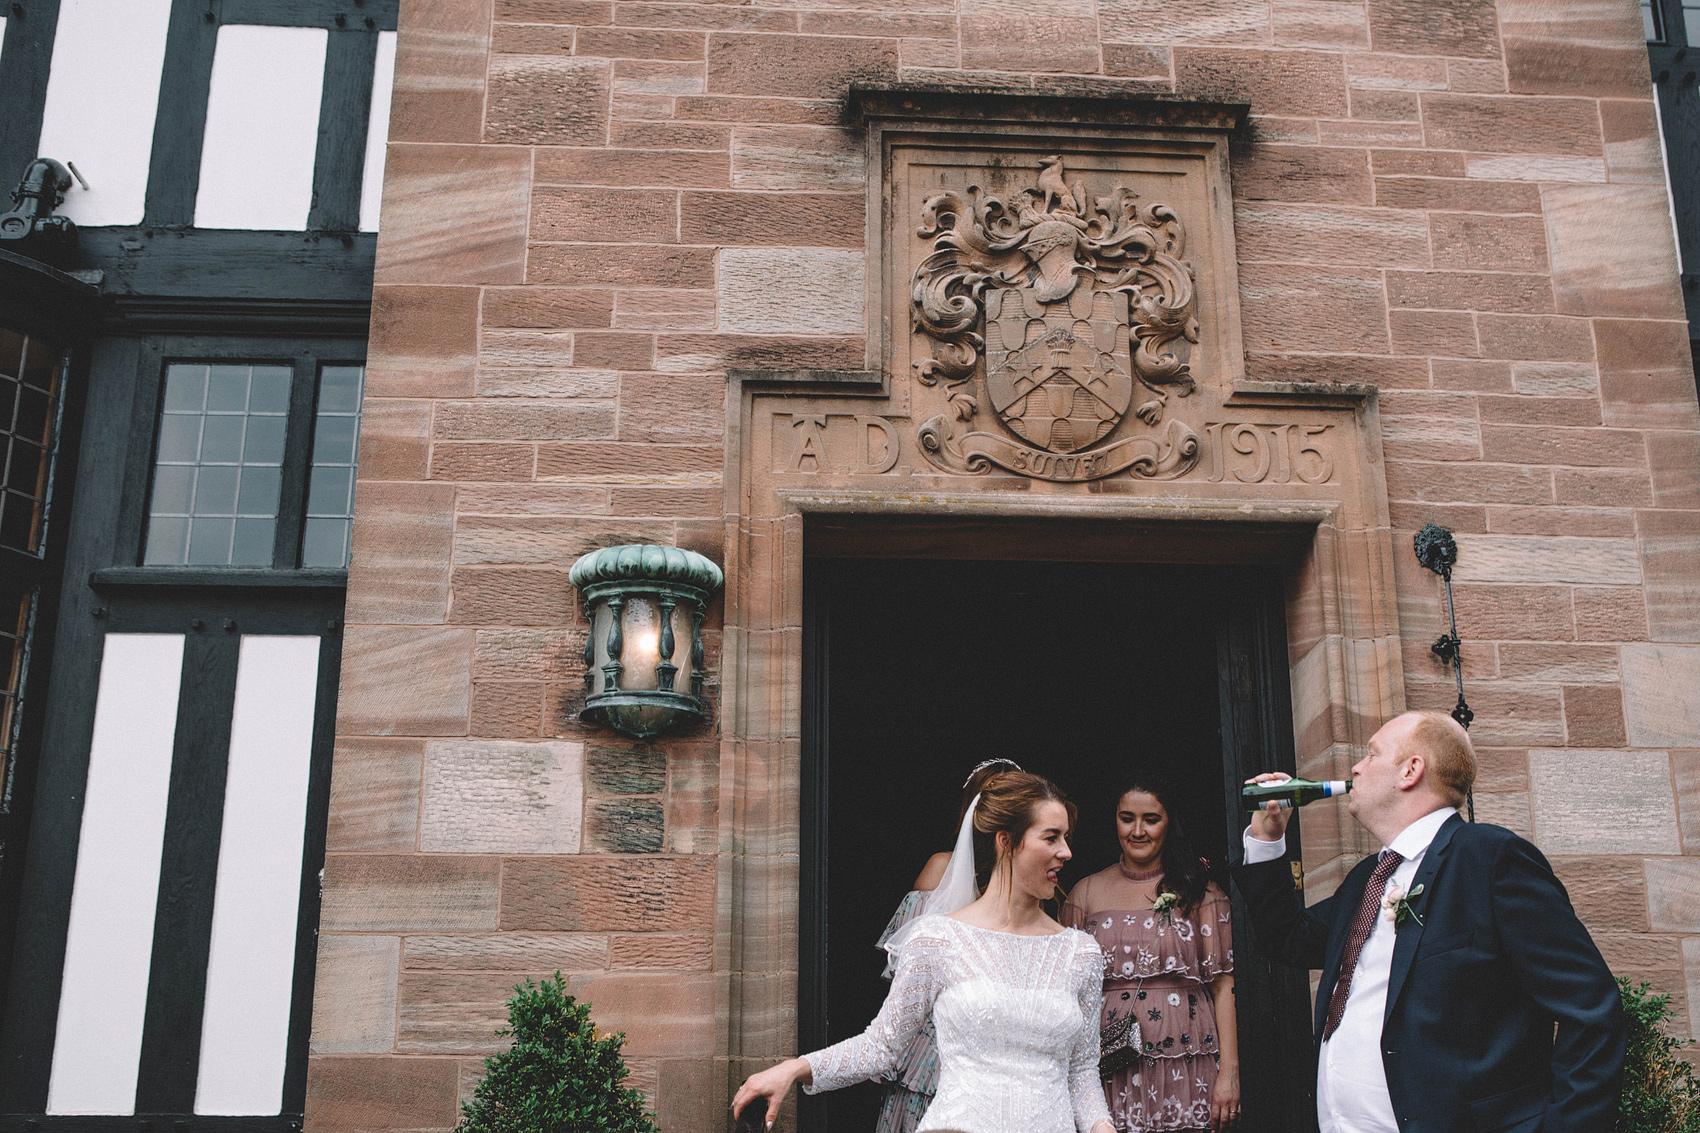 Inglewood_Manor_Wedding_Photography_-_Claire_Basiuk_Cheshire_Photographer_-_38_23.jpg